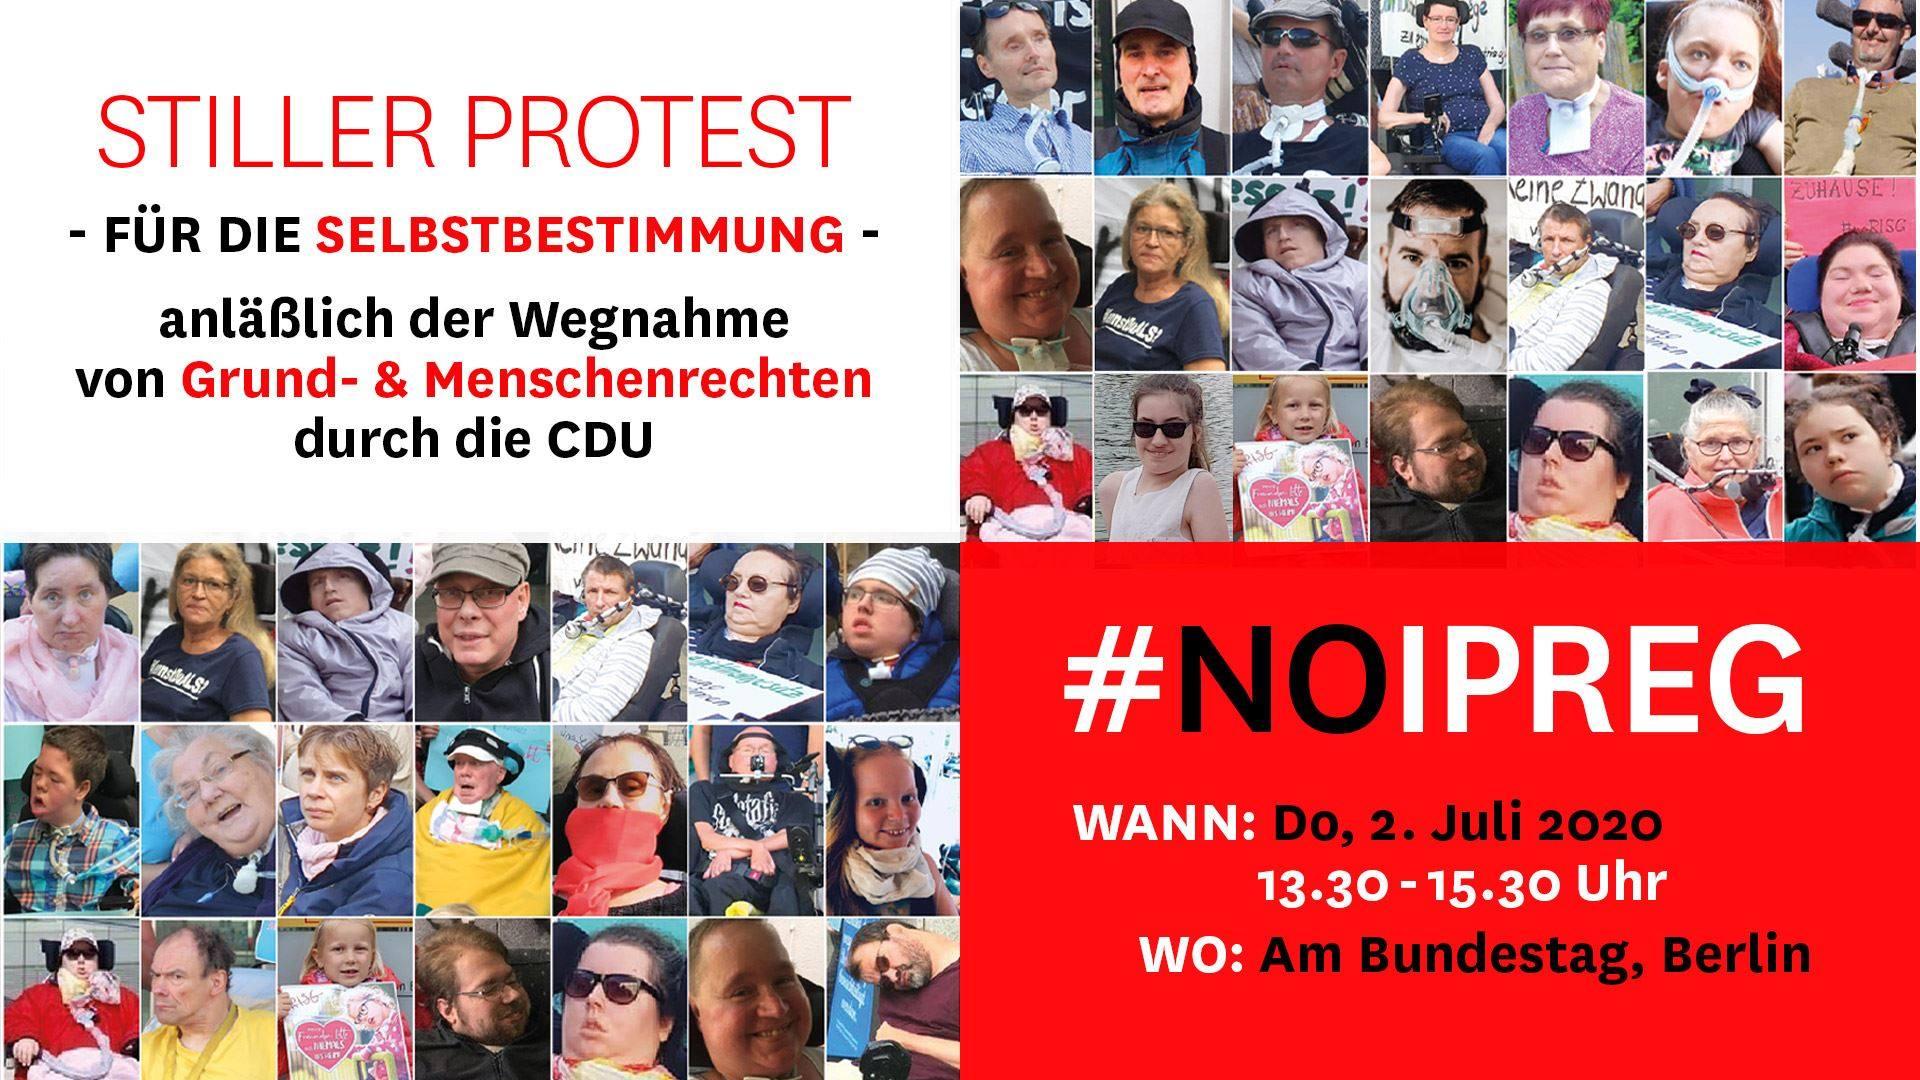 noIPReG Stiller Protest 02. Juli 2020 vor dem Bundestag